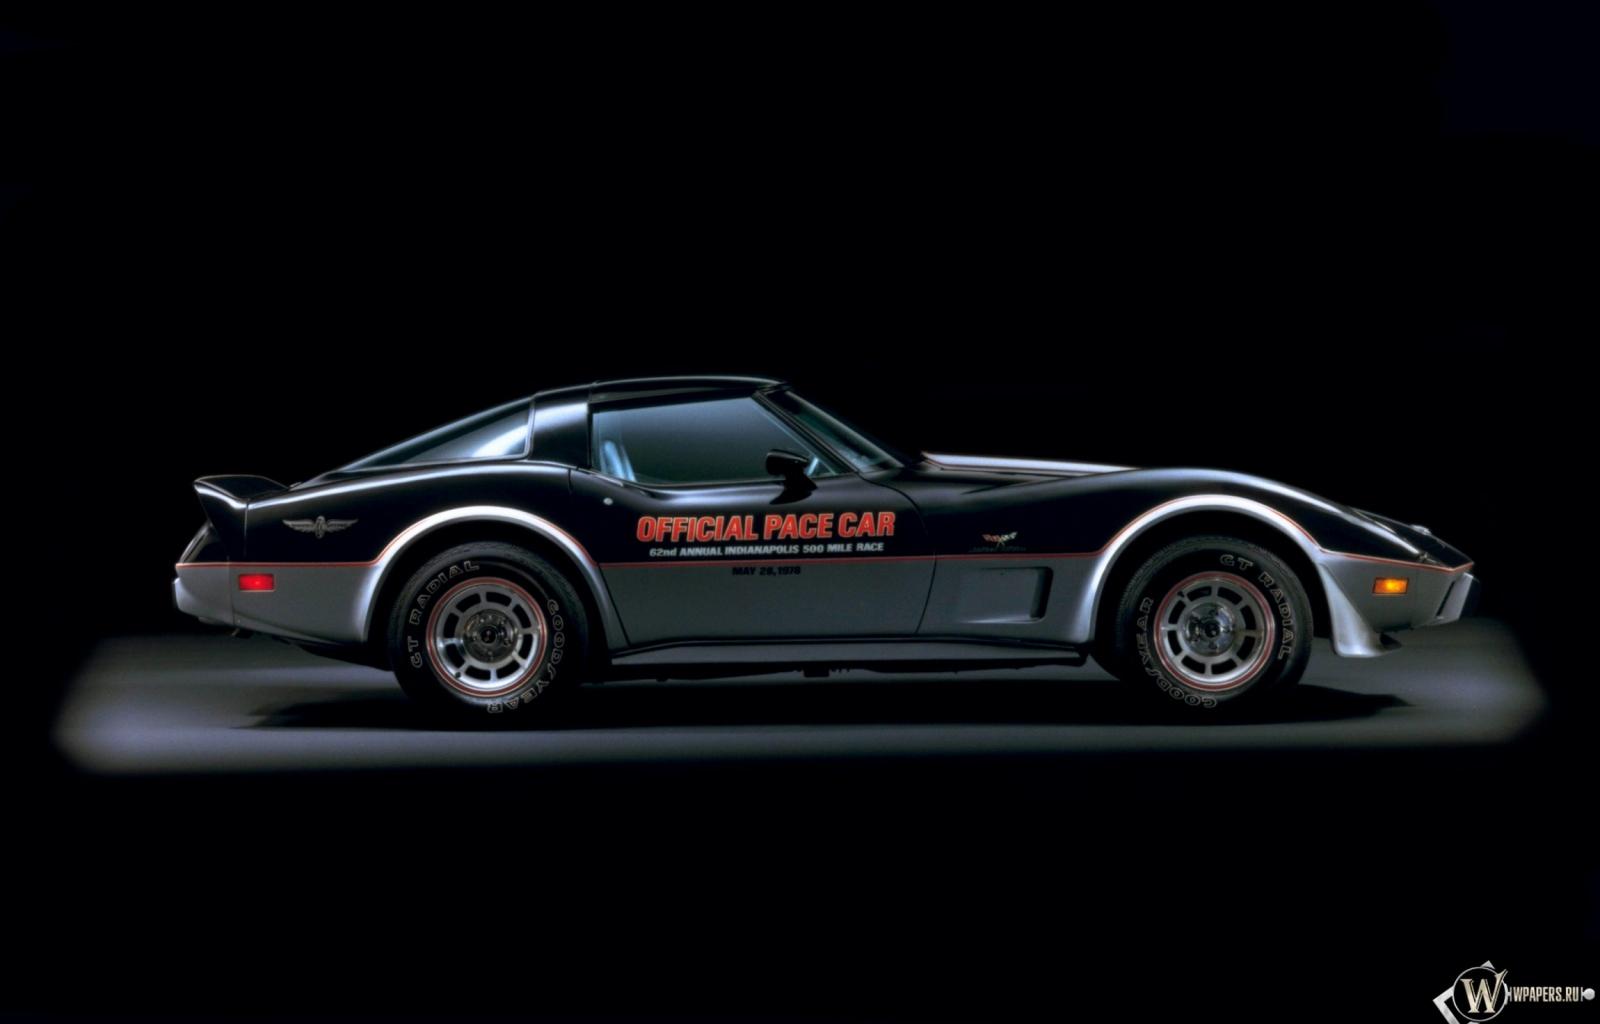 Chevrolet Corvette Indy 500 Pace Car 1978 1600x1024